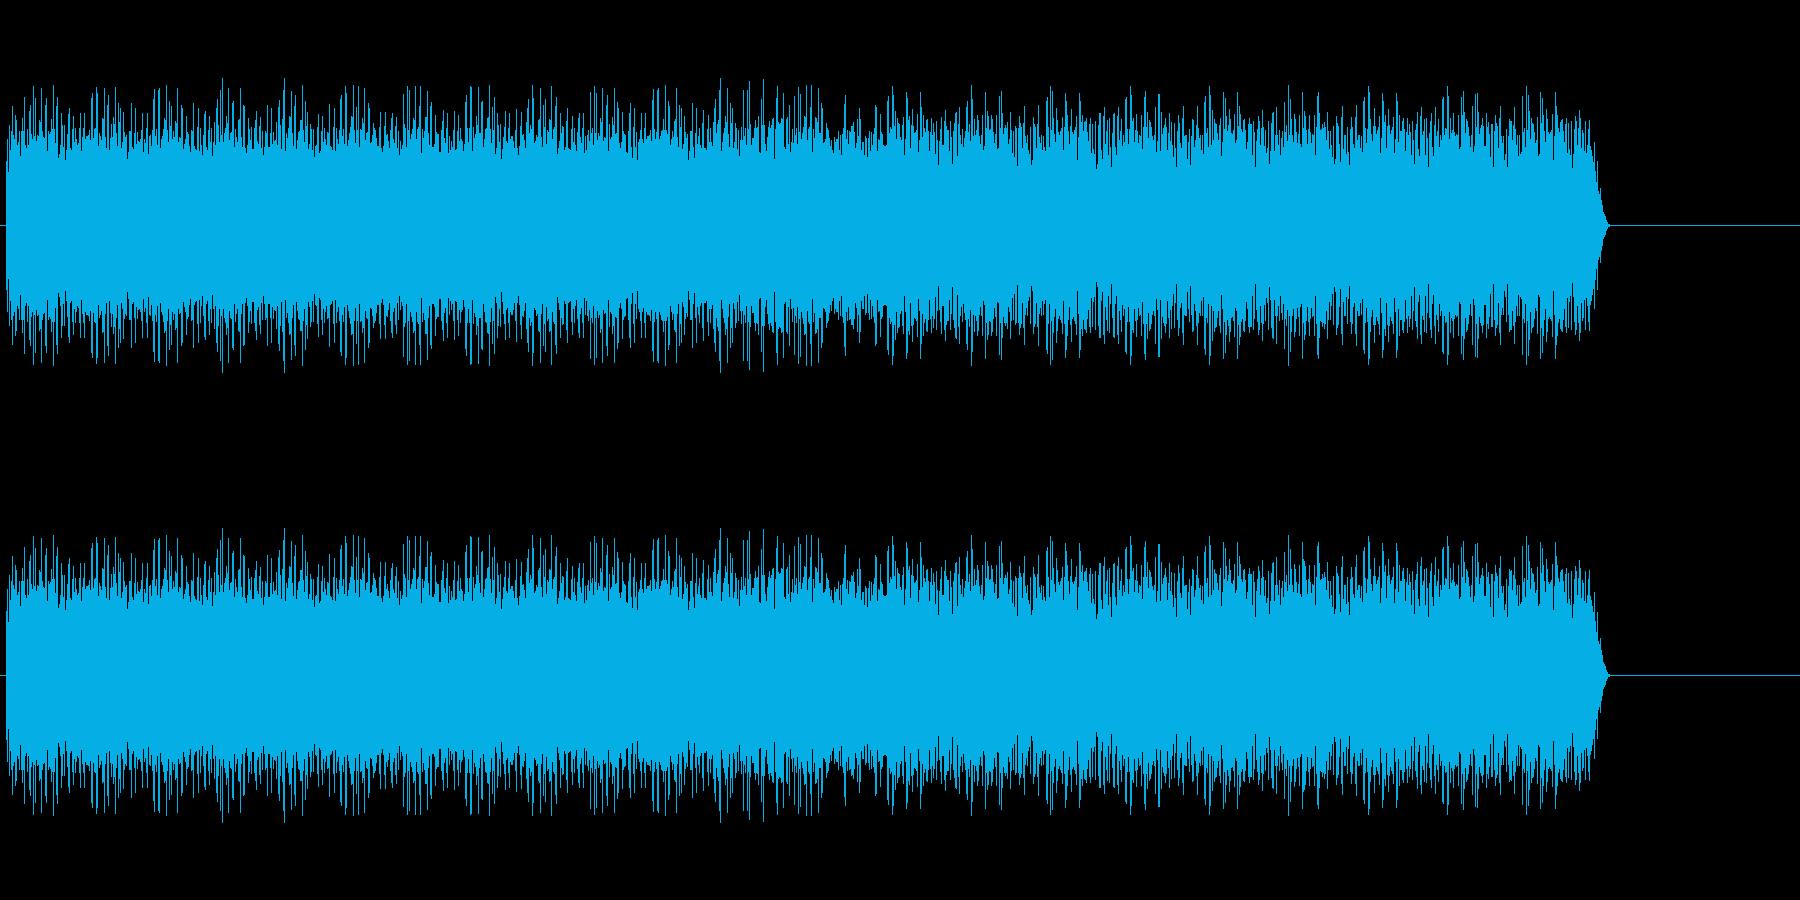 耳を塞ぎたくなるような音の再生済みの波形